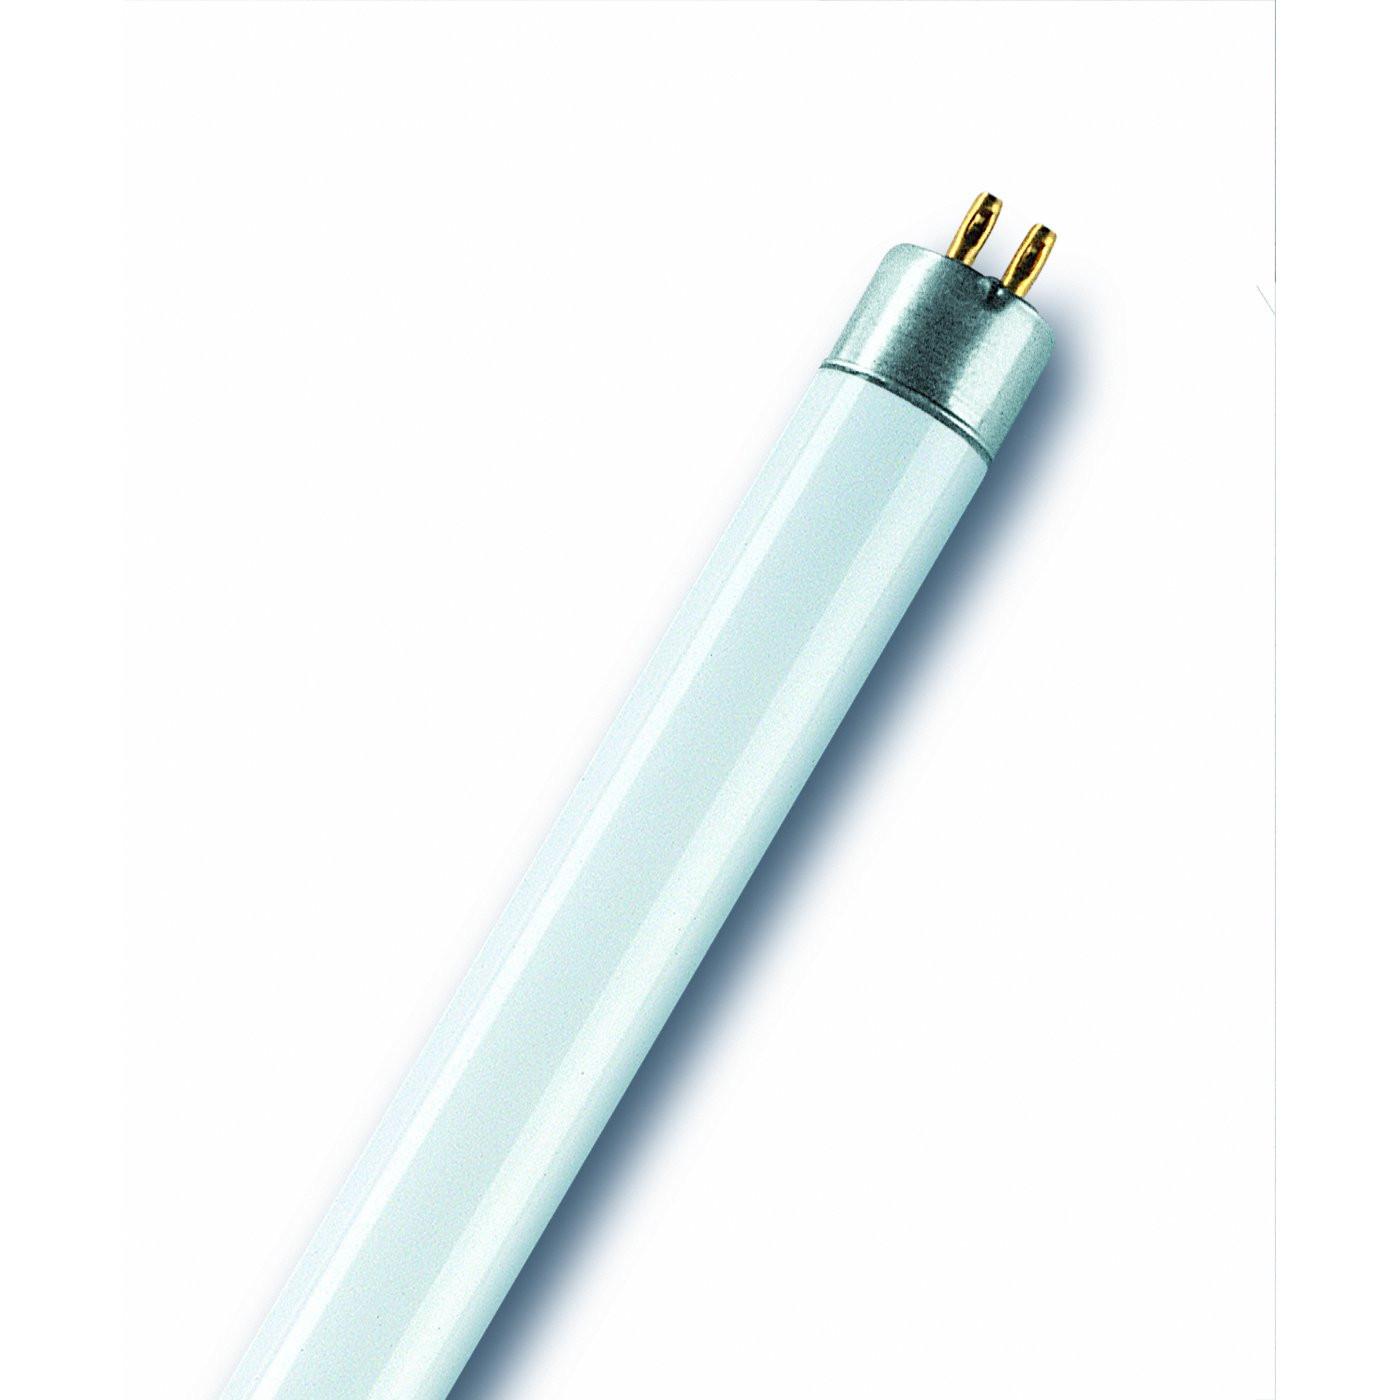 Osram Leuchtstofflampe Röhrenform T16 28W/830 G5 HE hohe Lichtausbeute warmweiß